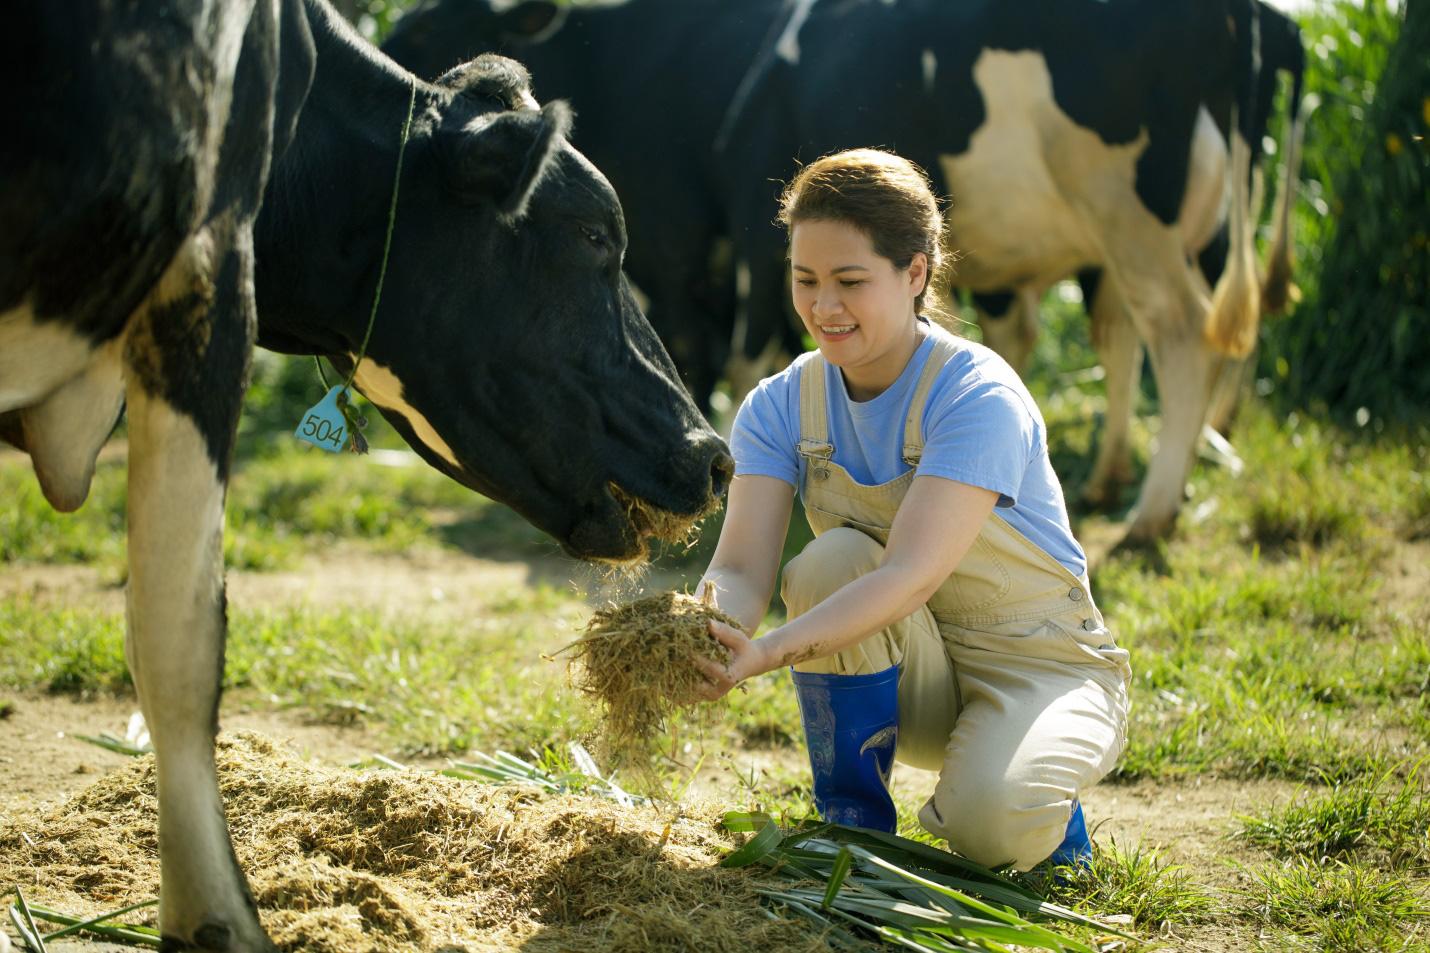 Sữa tươi Cô Gái Hà Lan kiểm soát độ an toàn hàng đầu nhờ cách nuôi bò đặc biệt - Ảnh 3.